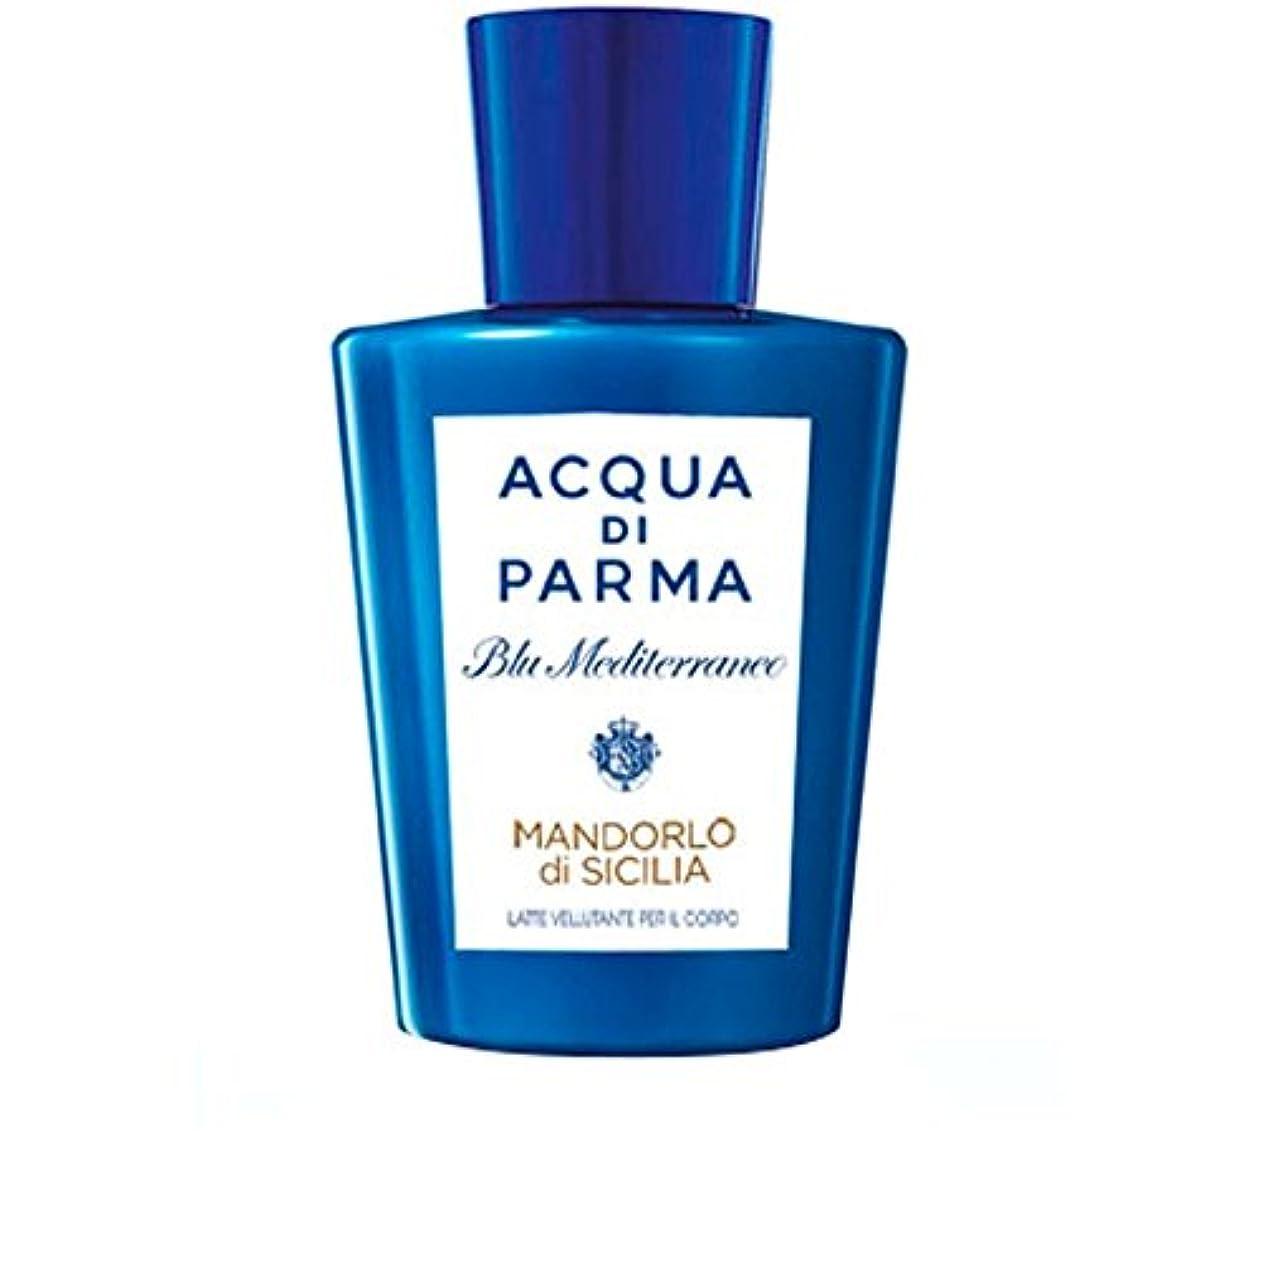 かんがいリビングルーム贈り物アクアディパルママンドルロ?ディ?シチリア至福のボディローション200 x2 - Acqua Di Parma Mandorlo Di Sicilia Pampering Body Lotion 200ml (Pack of 2) [並行輸入品]